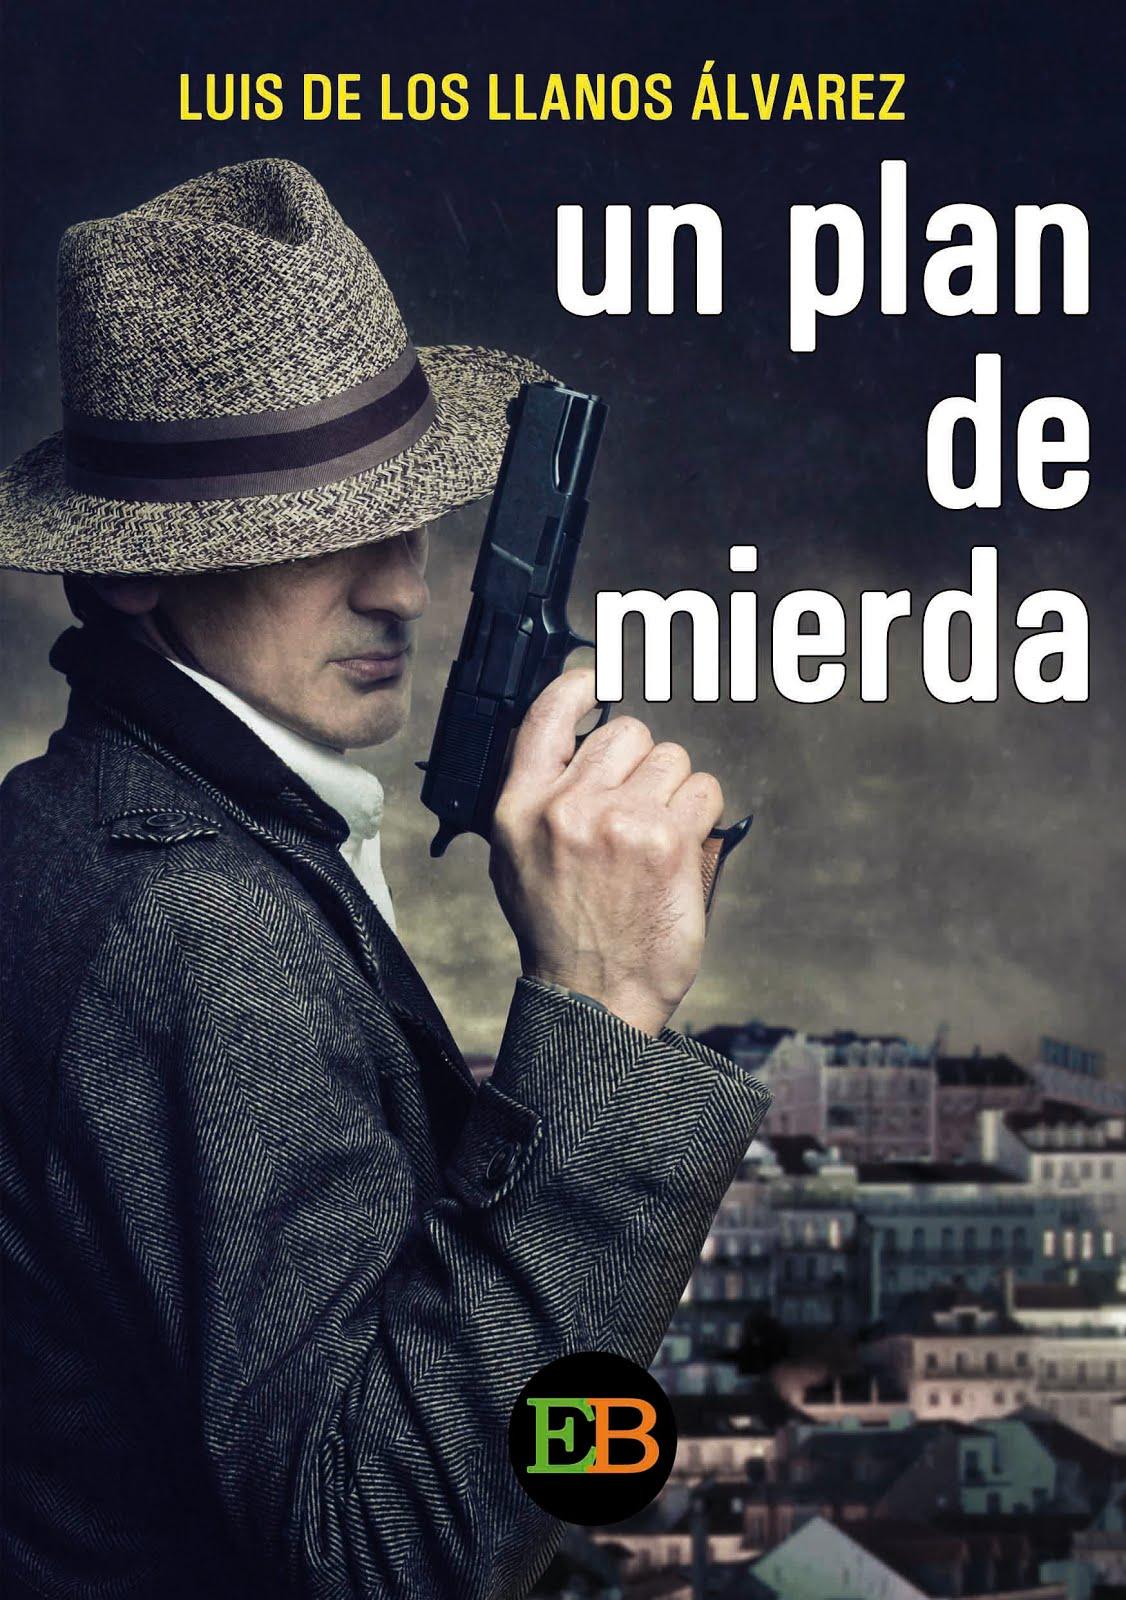 Un plan de mierda